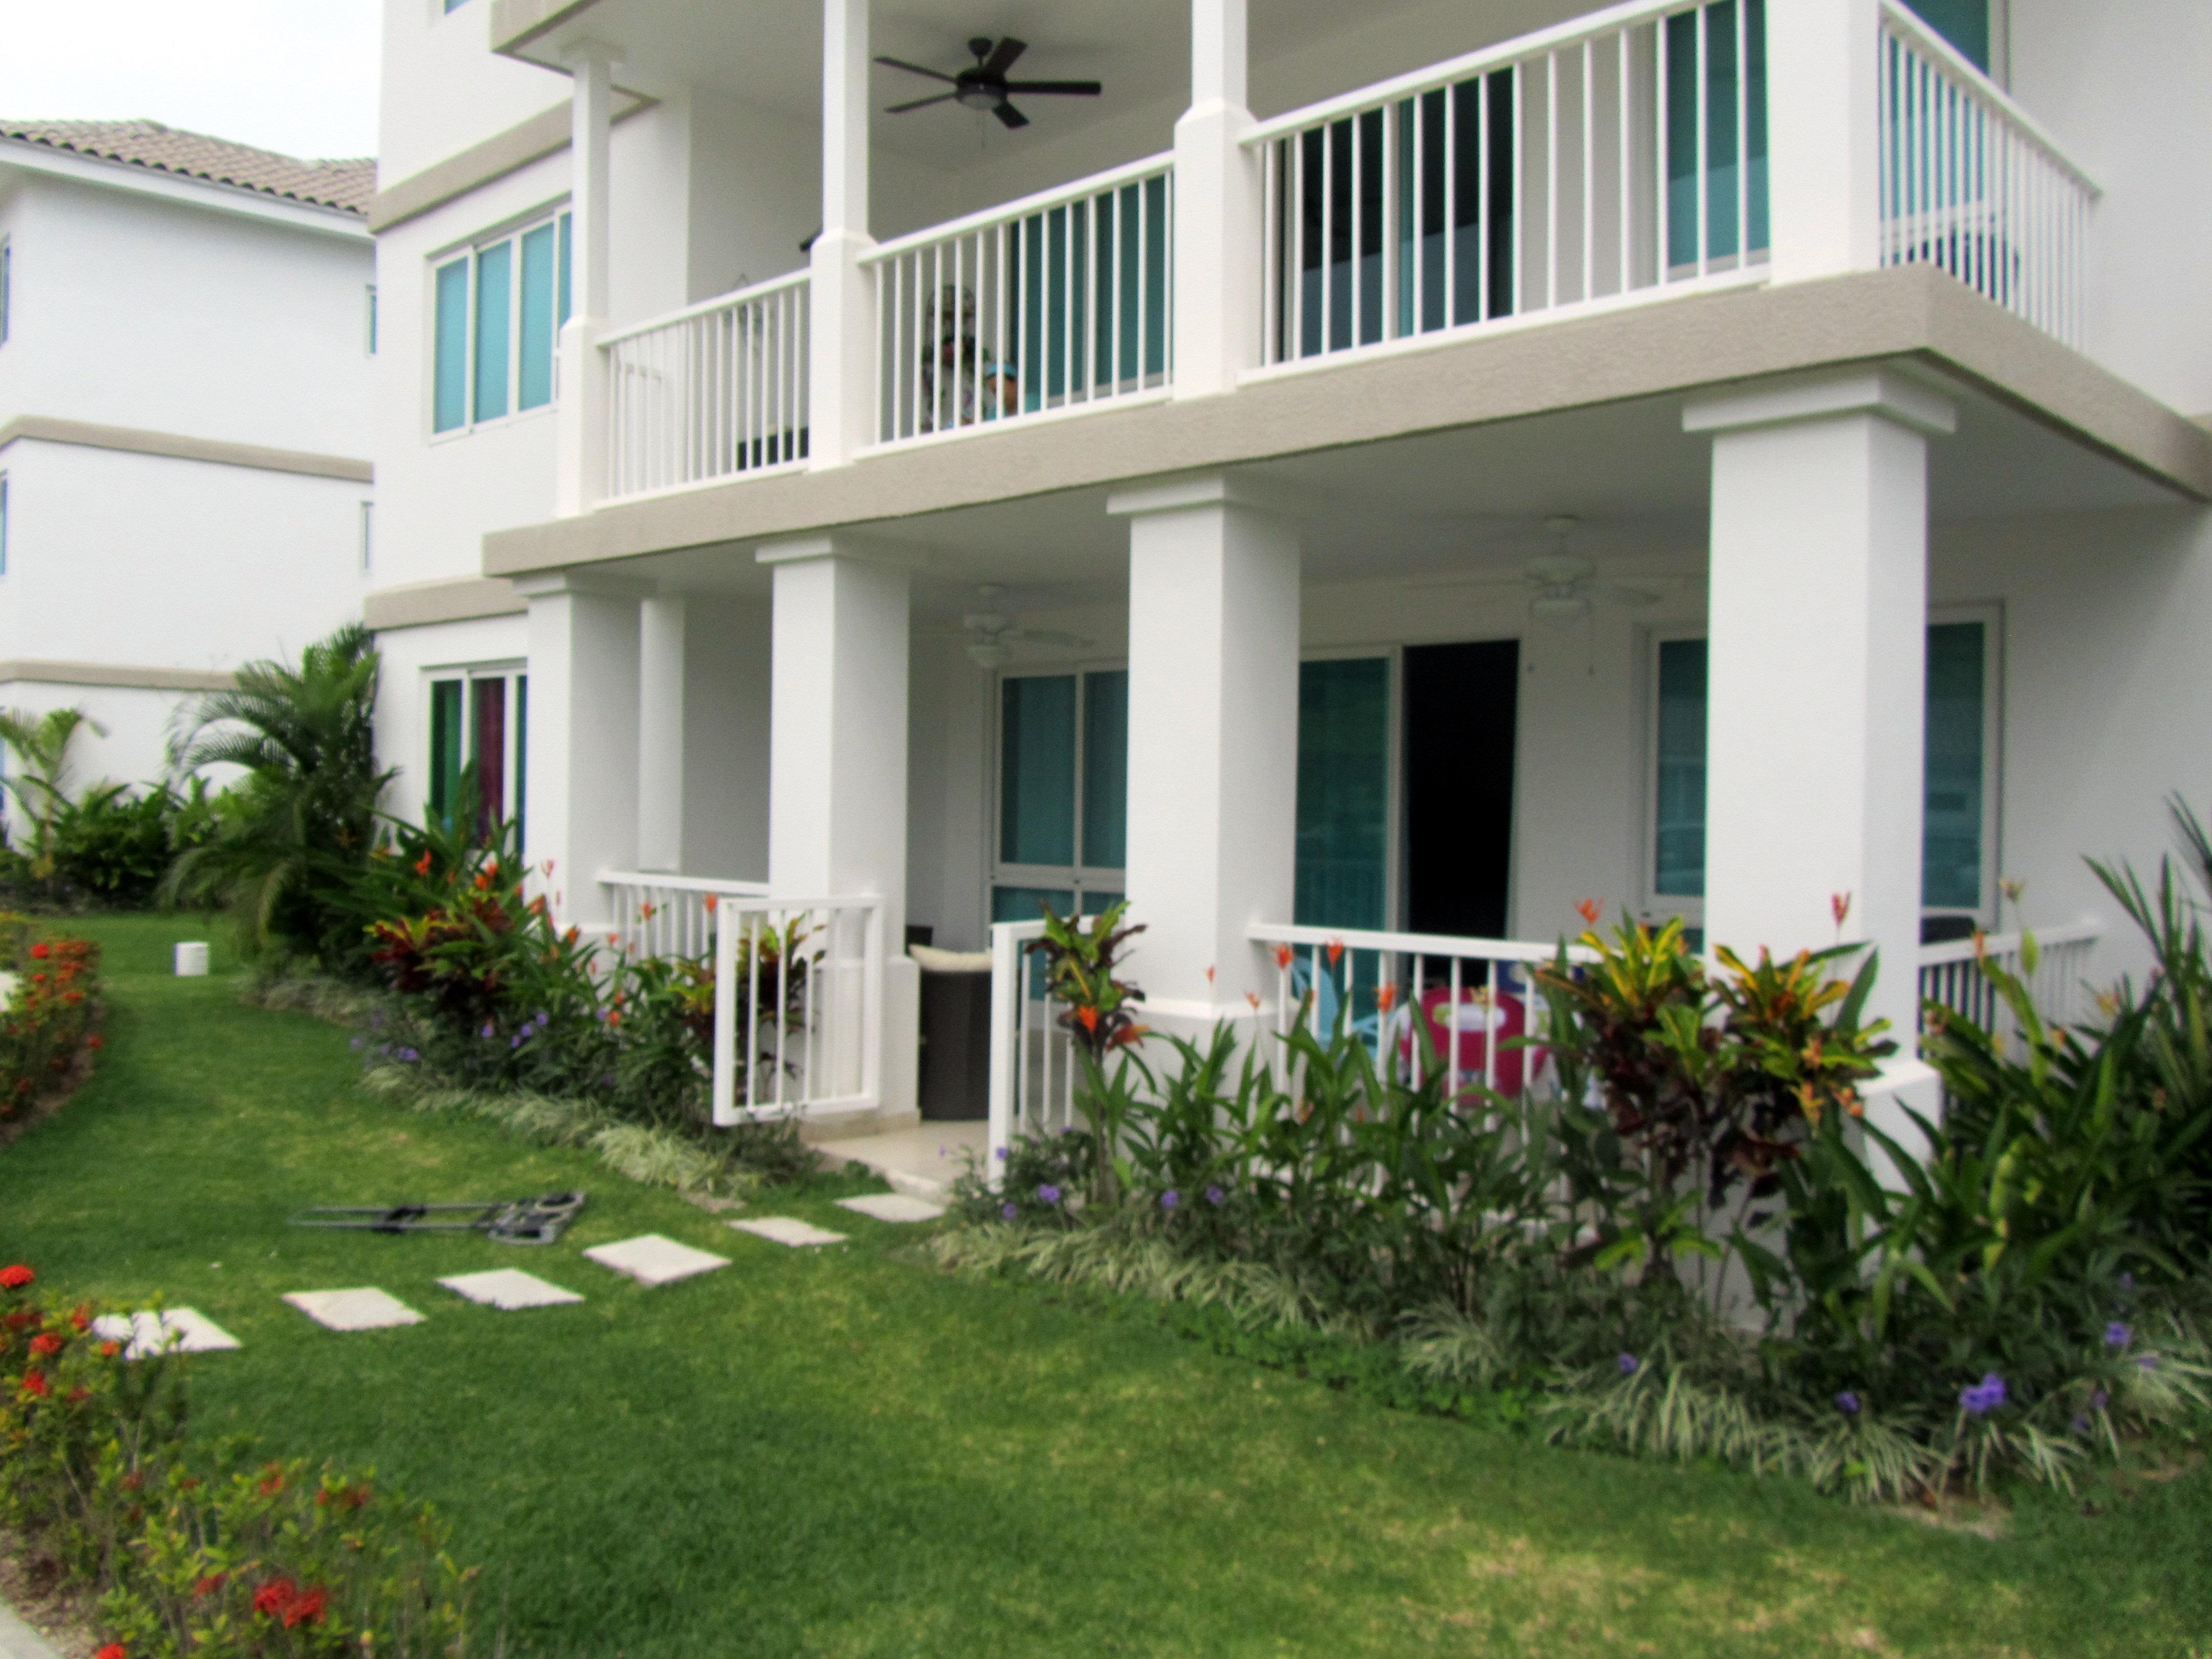 Fabuloso apartamento de playa en venta p40717 inmopanama - Venta apartamentos playa cullera ...